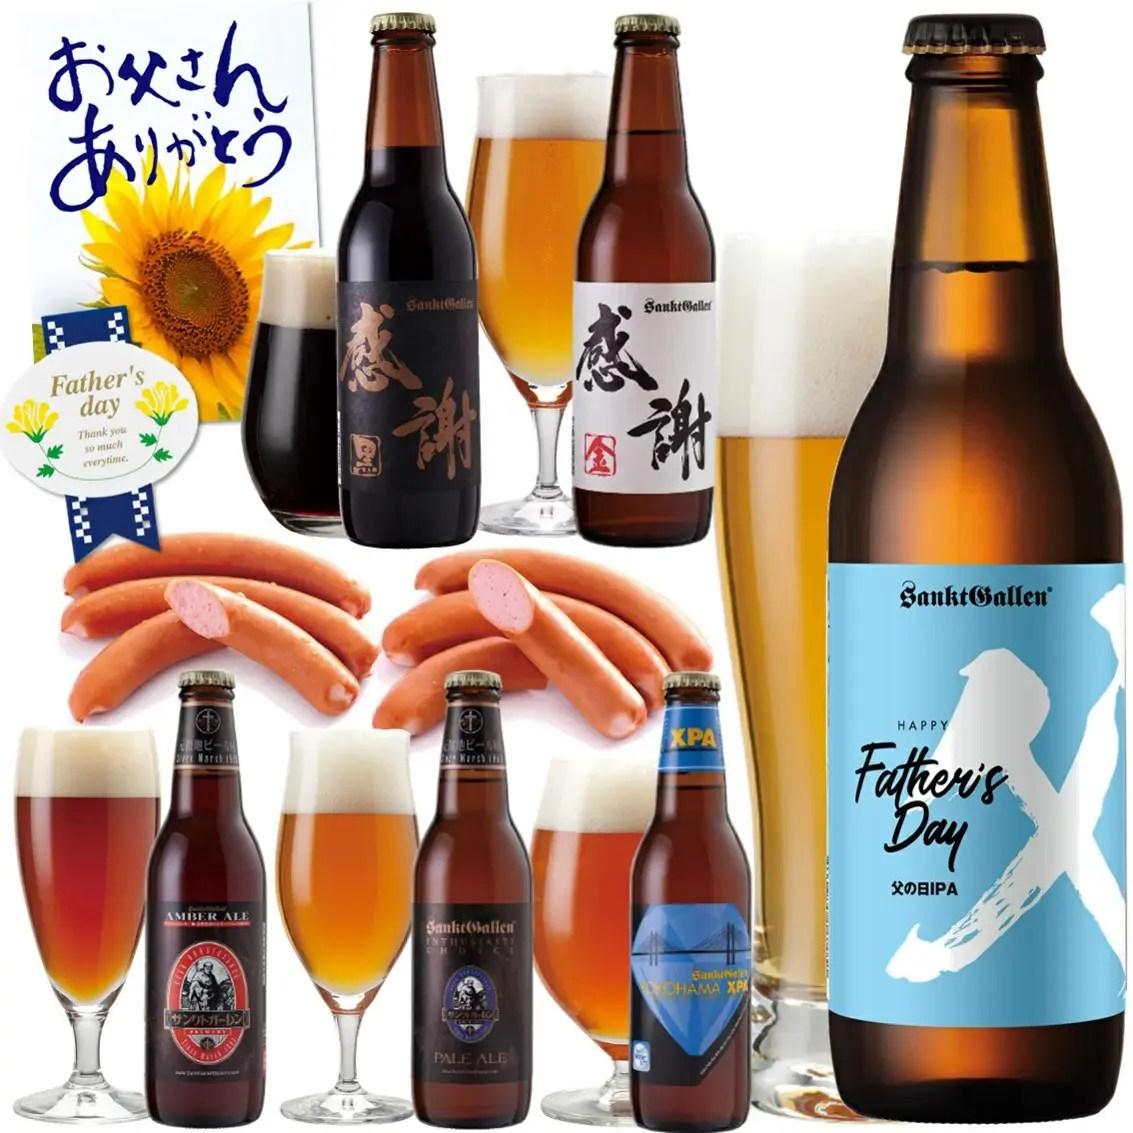 <ウインナー付き>父の日おつまみギフト クラフトビール6種&ウインナーソーセージセット